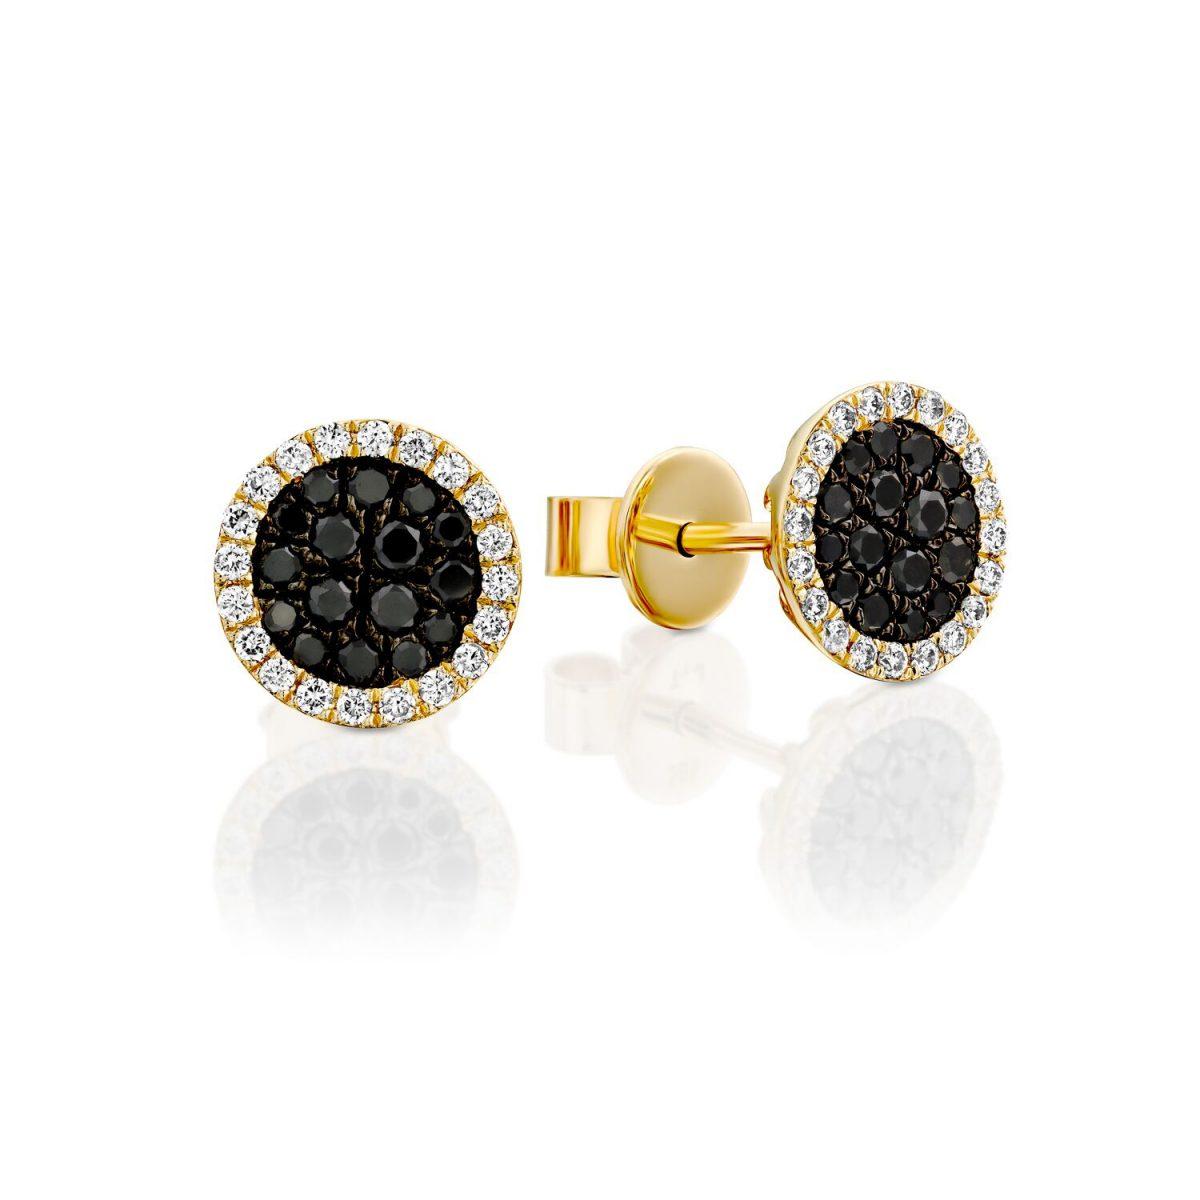 עגילי יהלומים שחורים זהב צהוב - מיה